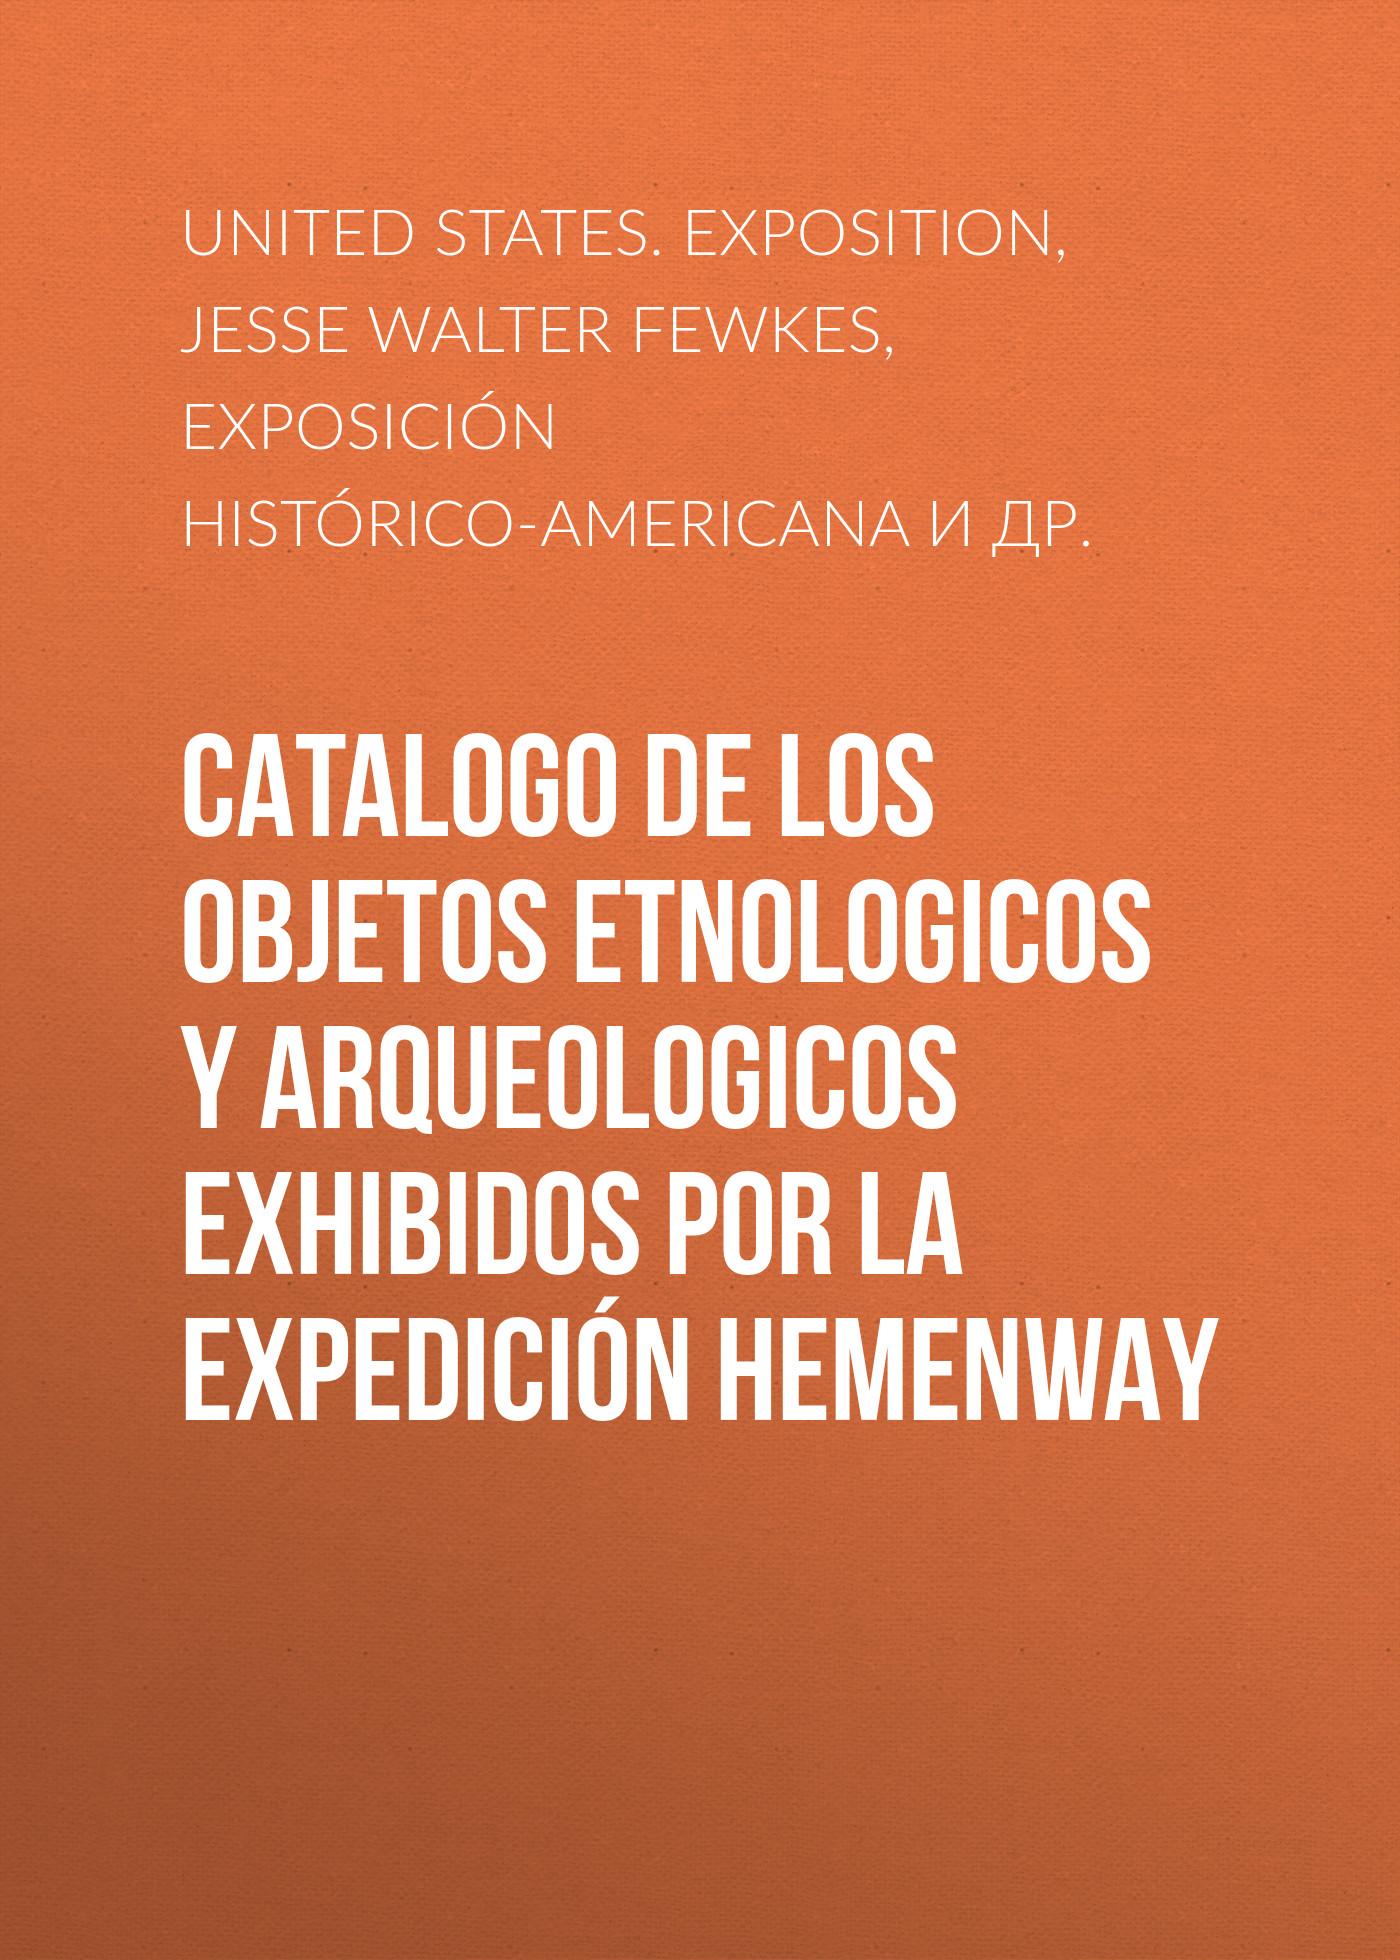 Jesse Walter Fewkes Catalogo de los Objetos Etnologicos y Arqueologicos Exhibidos por la Expedición Hemenway